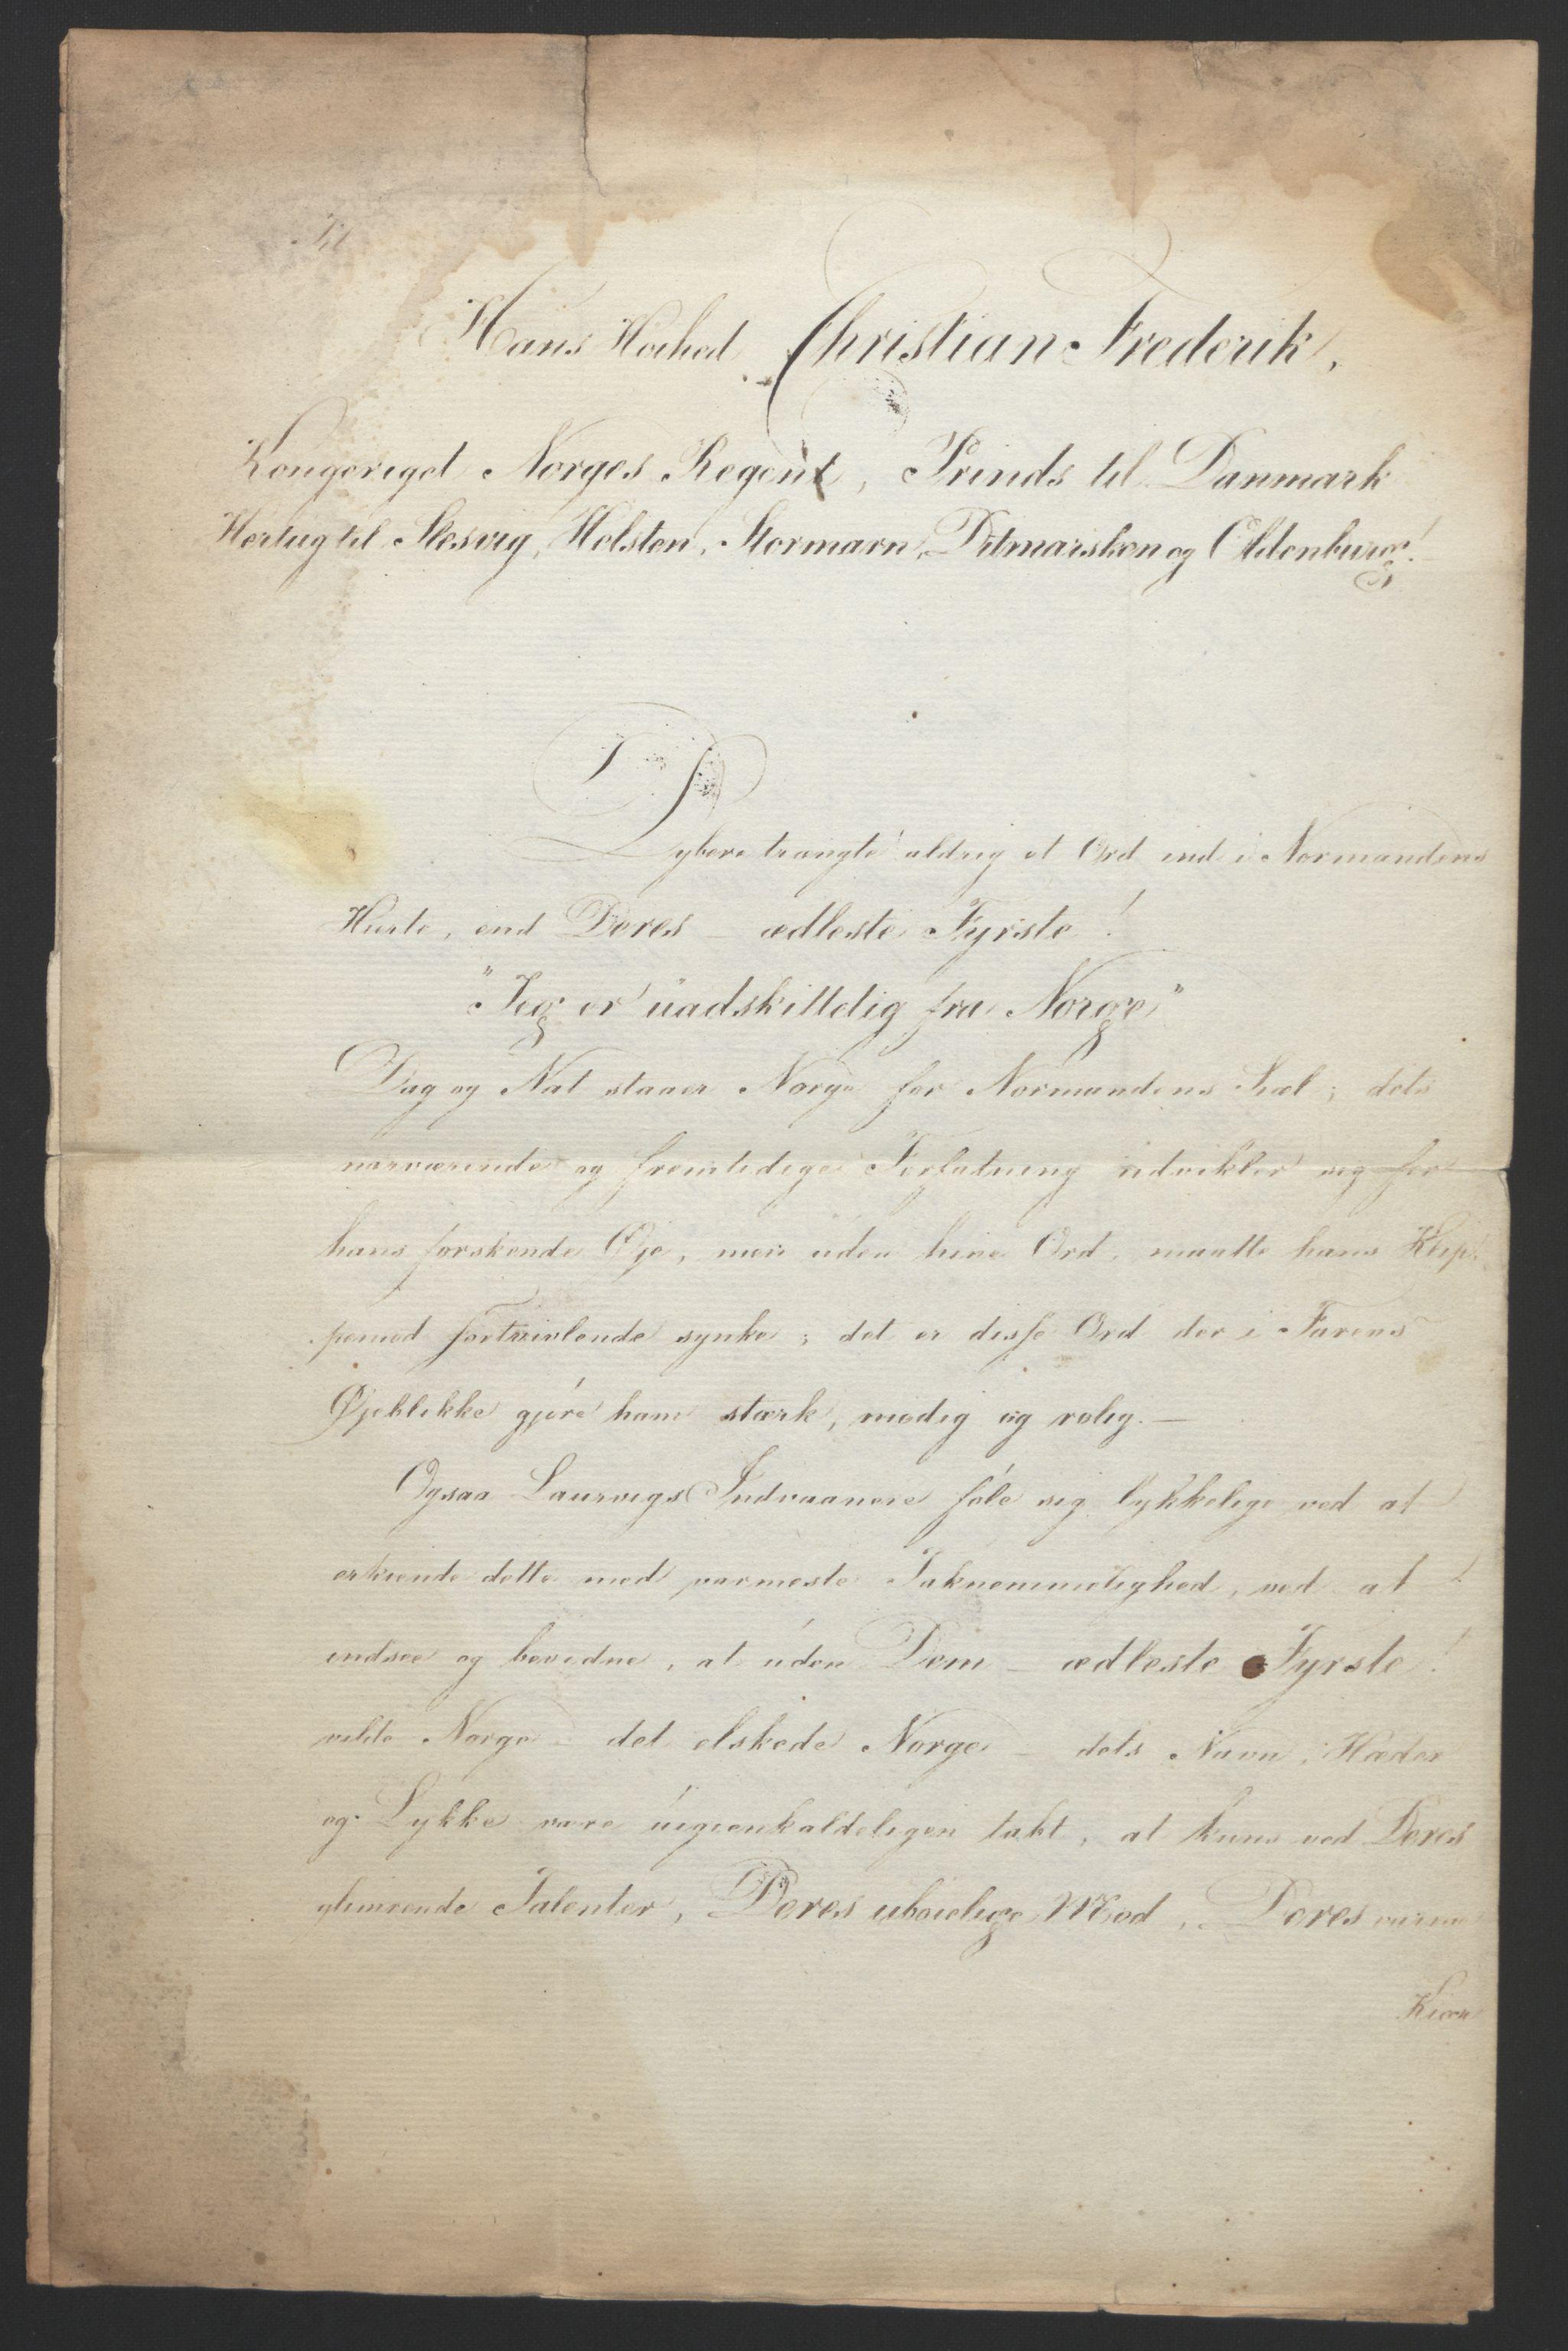 RA, Statsrådssekretariatet, D/Db/L0007: Fullmakter for Eidsvollsrepresentantene i 1814. , 1814, s. 30